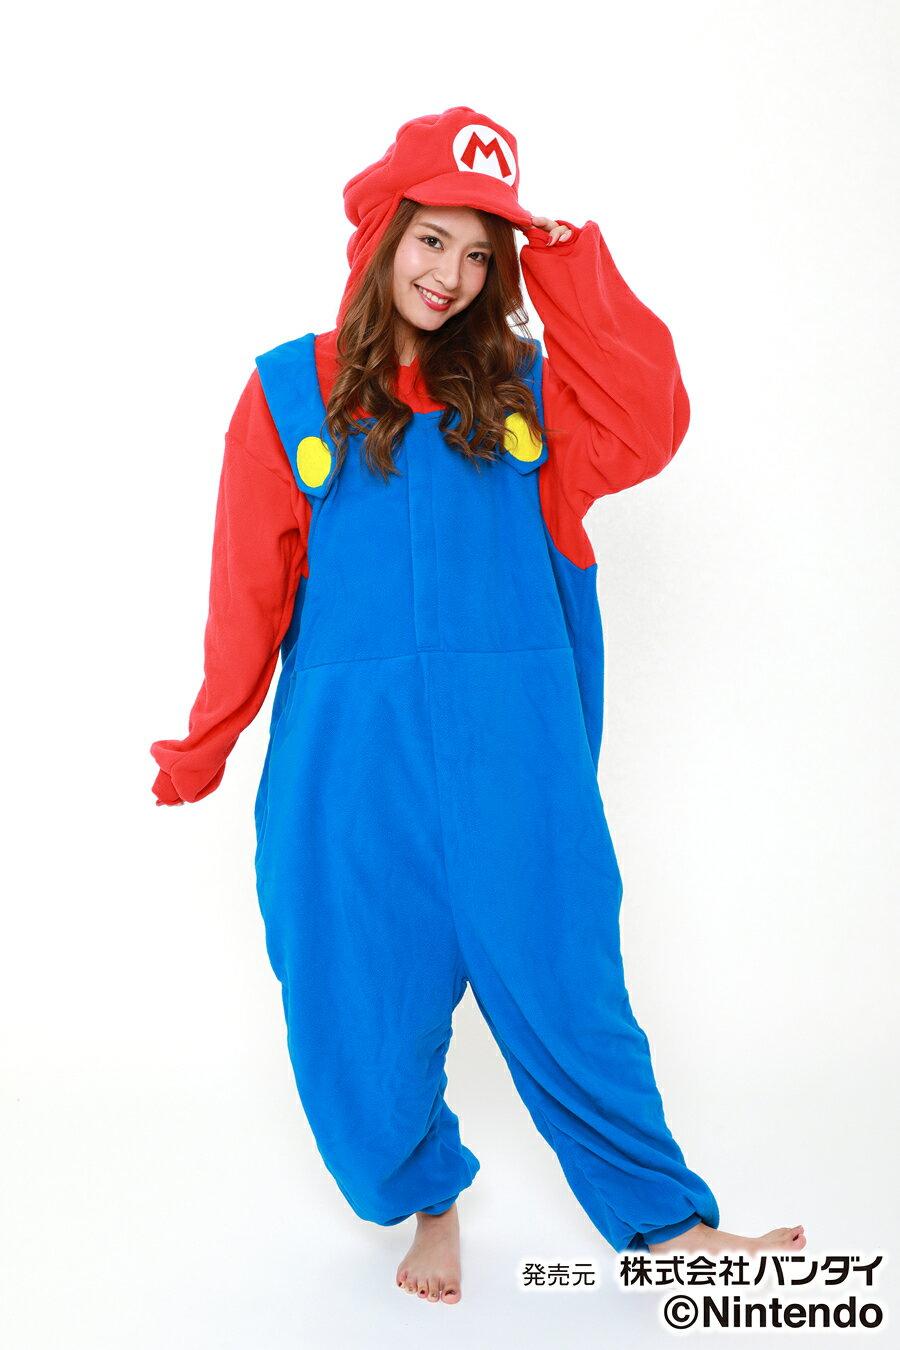 着ぐるみ マリオ (フリース) SAZAC コスプレ パーティー衣装 スーパーマリオブラザーズ画像